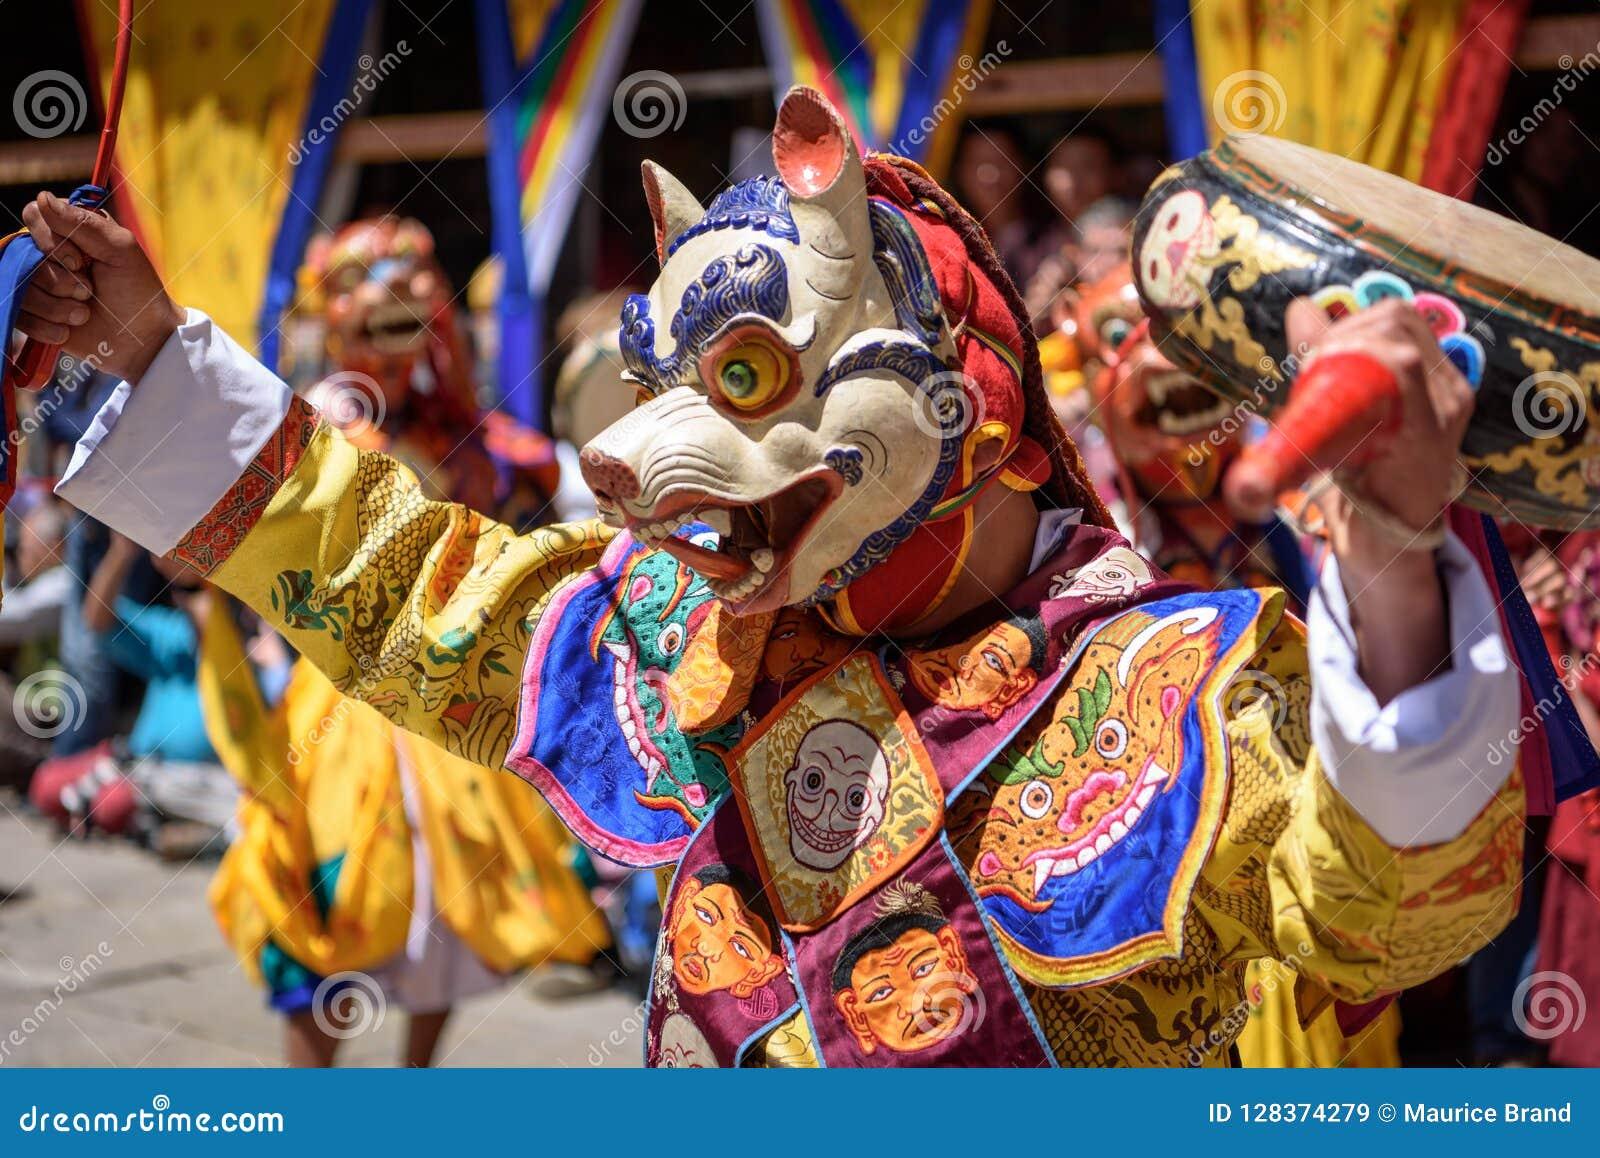 Danse de moine bouddhiste au festival de Paro Bhutan